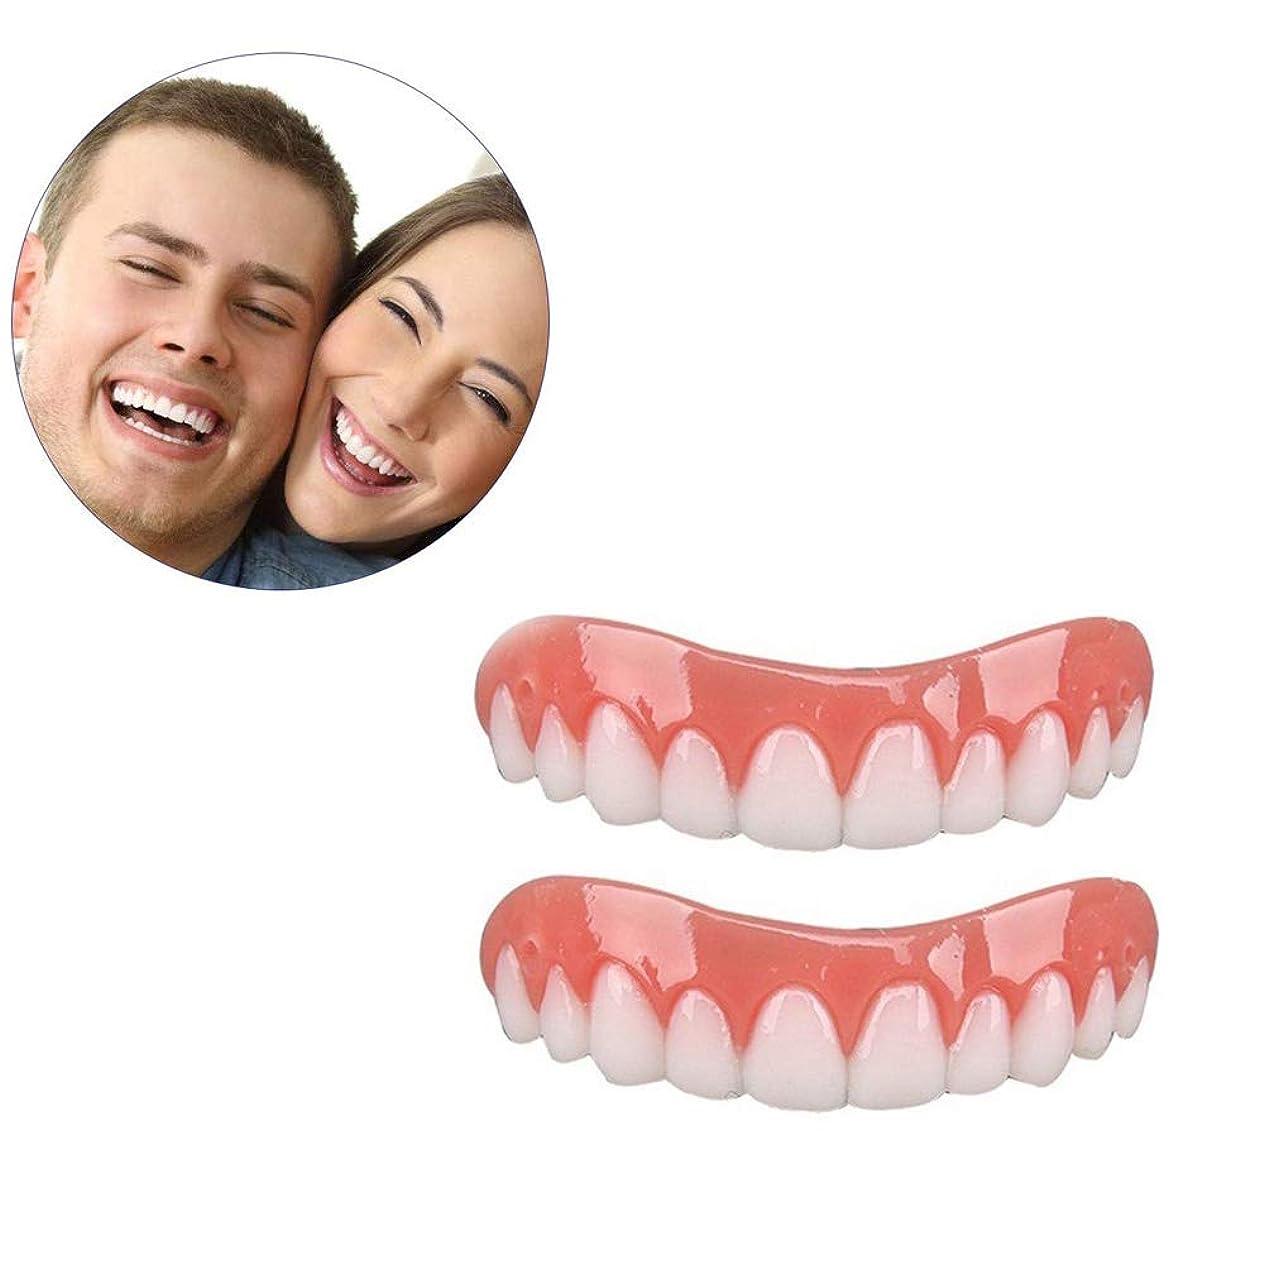 レオナルドダお互い病弱快適なフィットフレックス化粧品、2PCSをホワイトニングインスタントパーフェクトスマイルアッパー歯突き板の歯